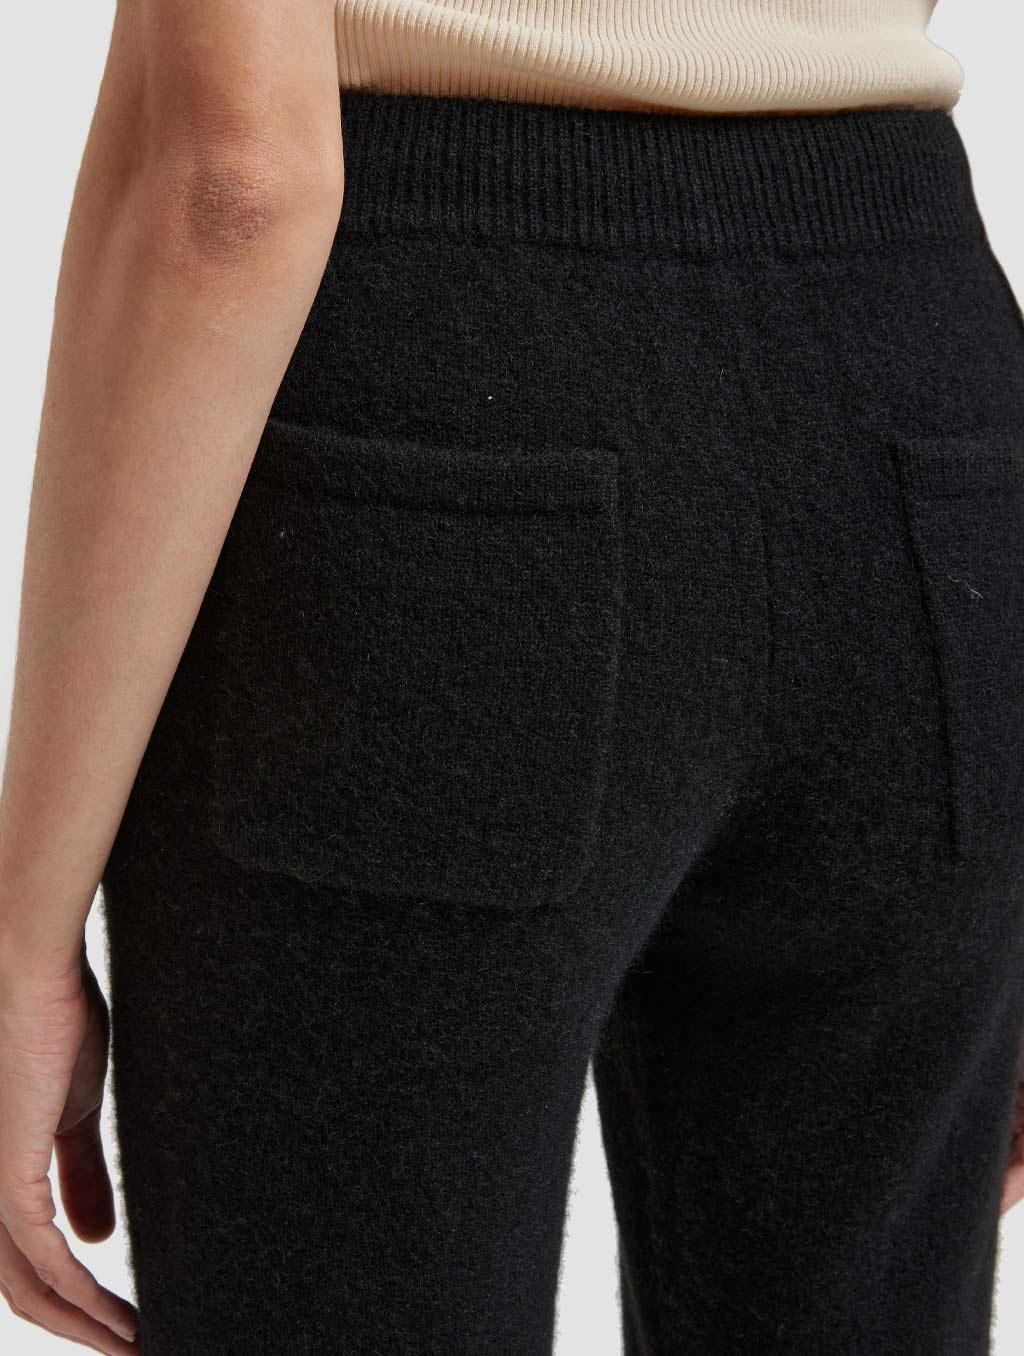 Drawstring straight yak wool pants-detail-black